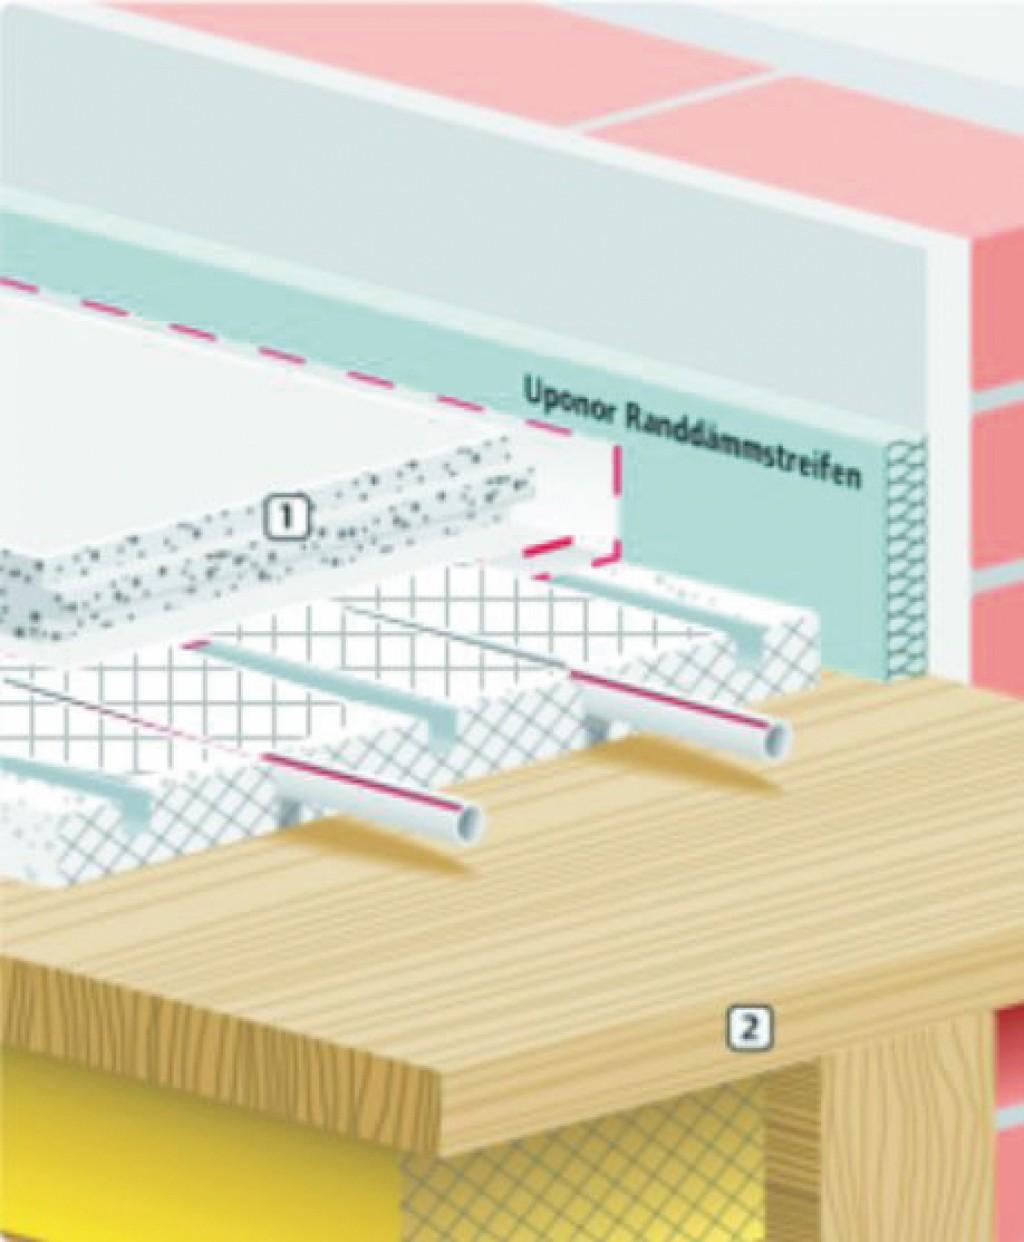 Trockenbau-Fußbodenheizung ohne Wärmeleitlamelle mit wärmedämmender Trockenestrich-Lastverteilplatte Knauf Brio 23 WF oder EPS. Bild: Knauf